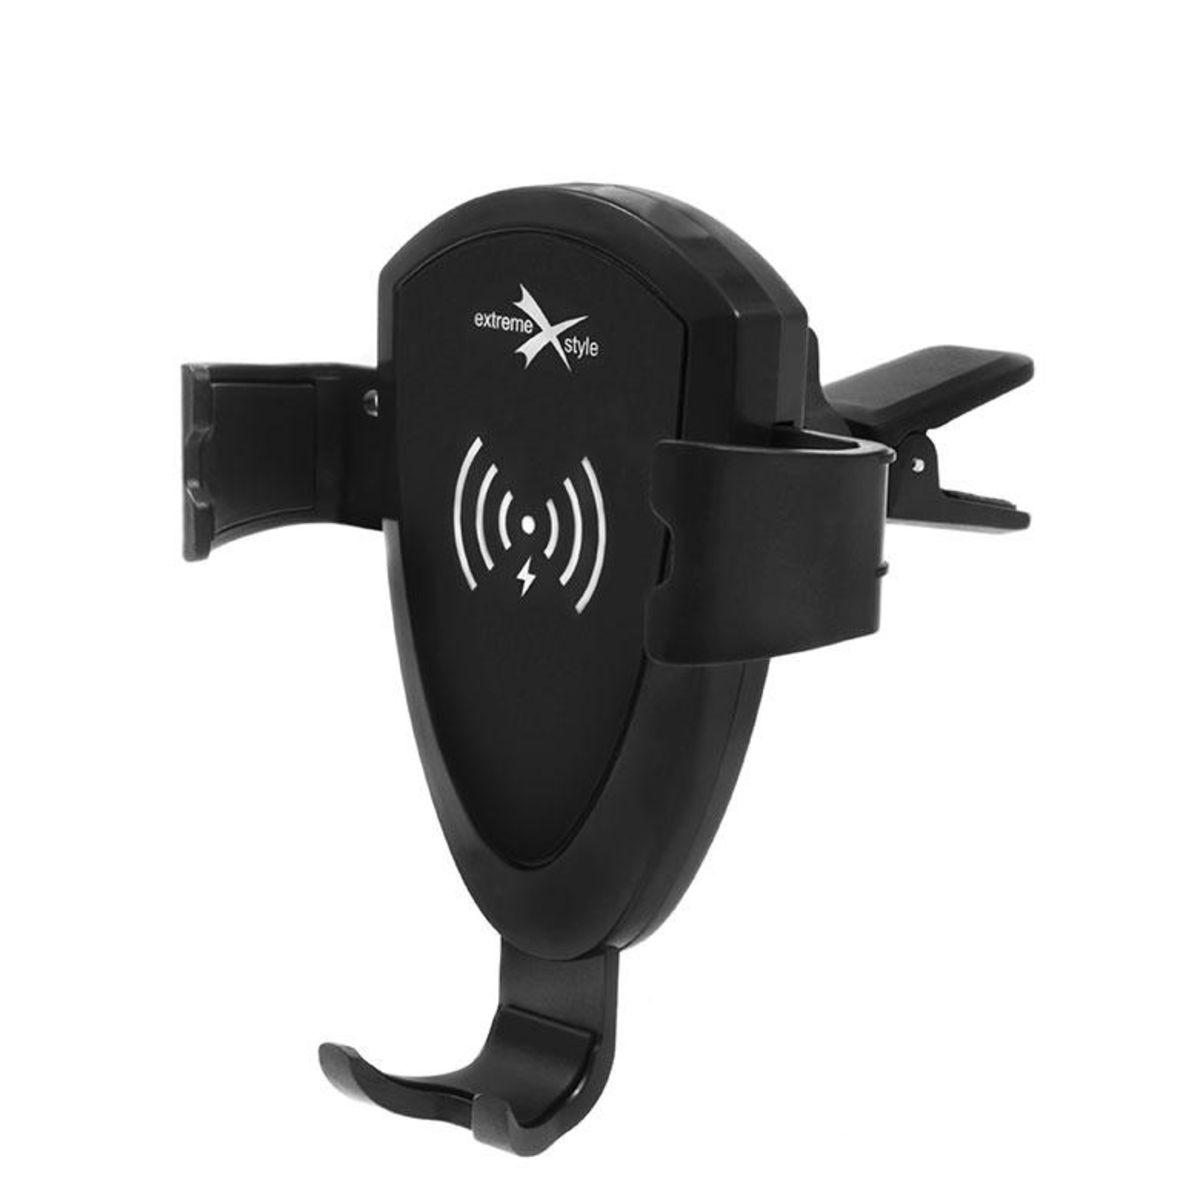 EXTREME-STYLE Gravitační držák na telefon do auta s bezdrátovým nabíjením, rozpětí 60 - 88 mm